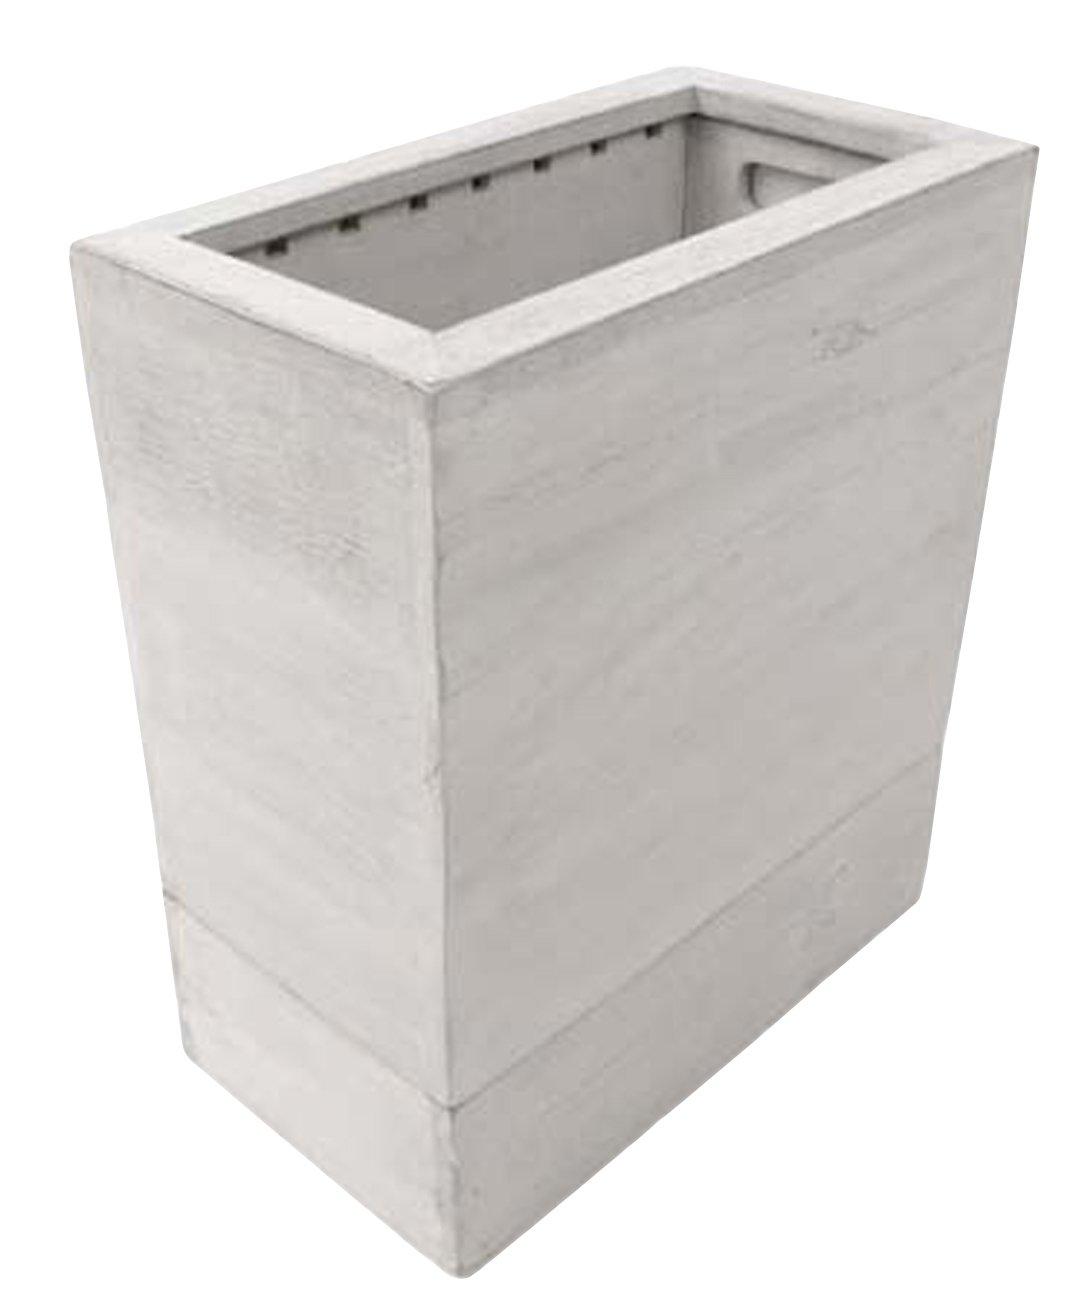 pf-026-a ONE-SIZE(33.0x18.0x38.0) WHITE-WASH (ヨンユー)4u 木製ごみばこ ごみ箱 ゴミ箱 カバー ダストボックス 天然木 おしゃれ キッチン リビング ダイニング トラッシュポット トラッシュカン pf-026 B01G5HFIHQWHITE-WASH ONE-SIZE(33.0x18.0x38.0)